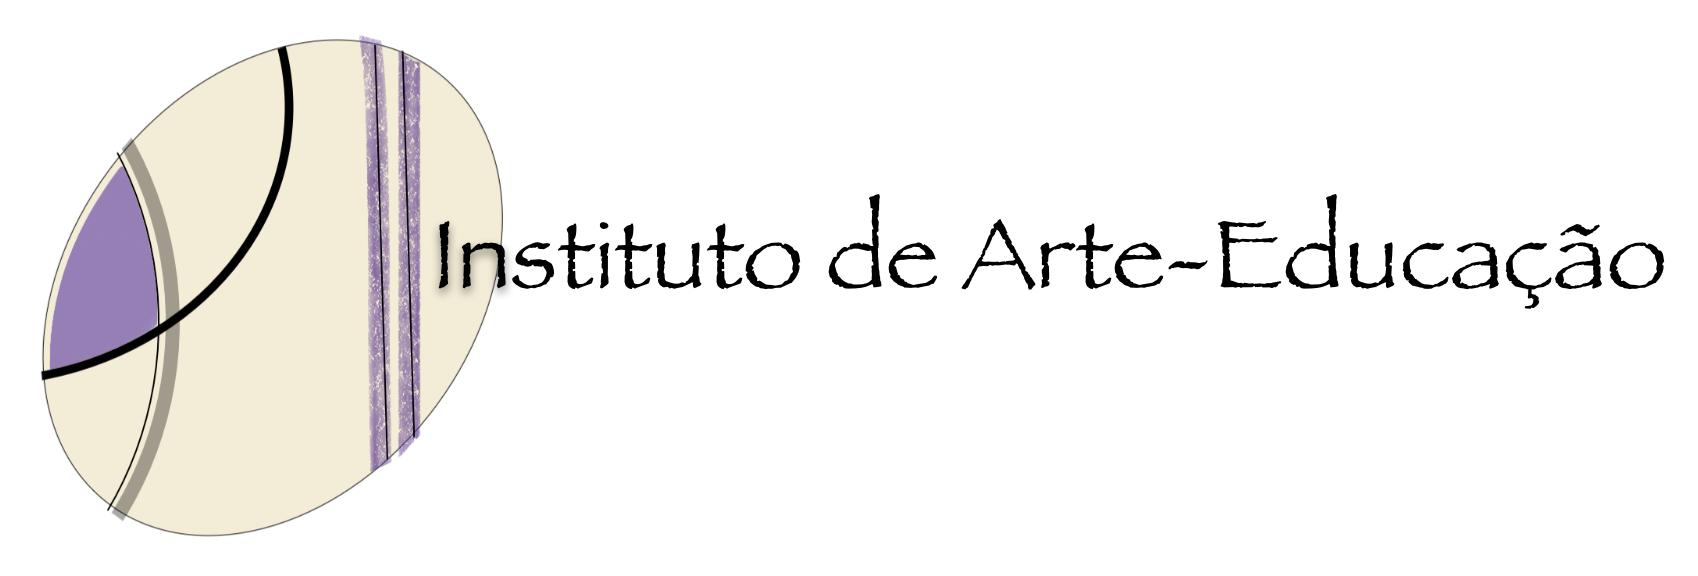 INSTITUTO DE ARTE-EDUCAÇÃO